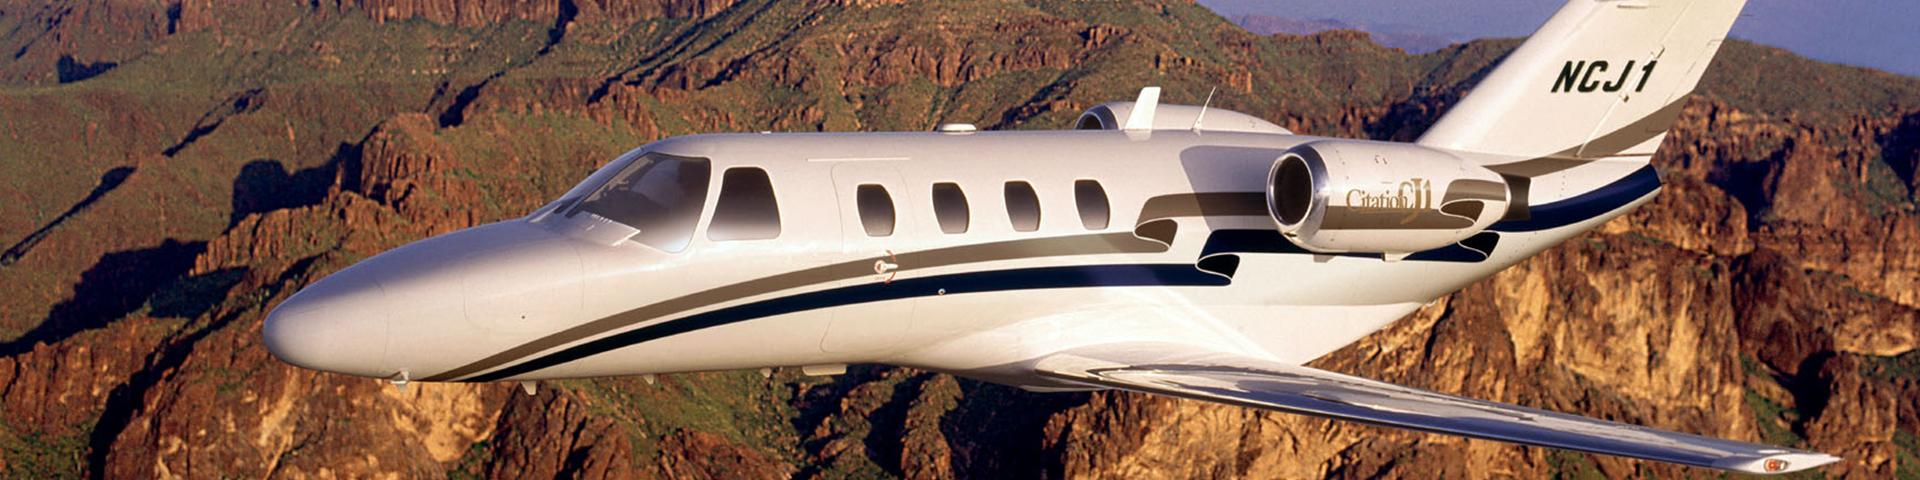 Citation CJ11 - Citation CJ1 Private Jet